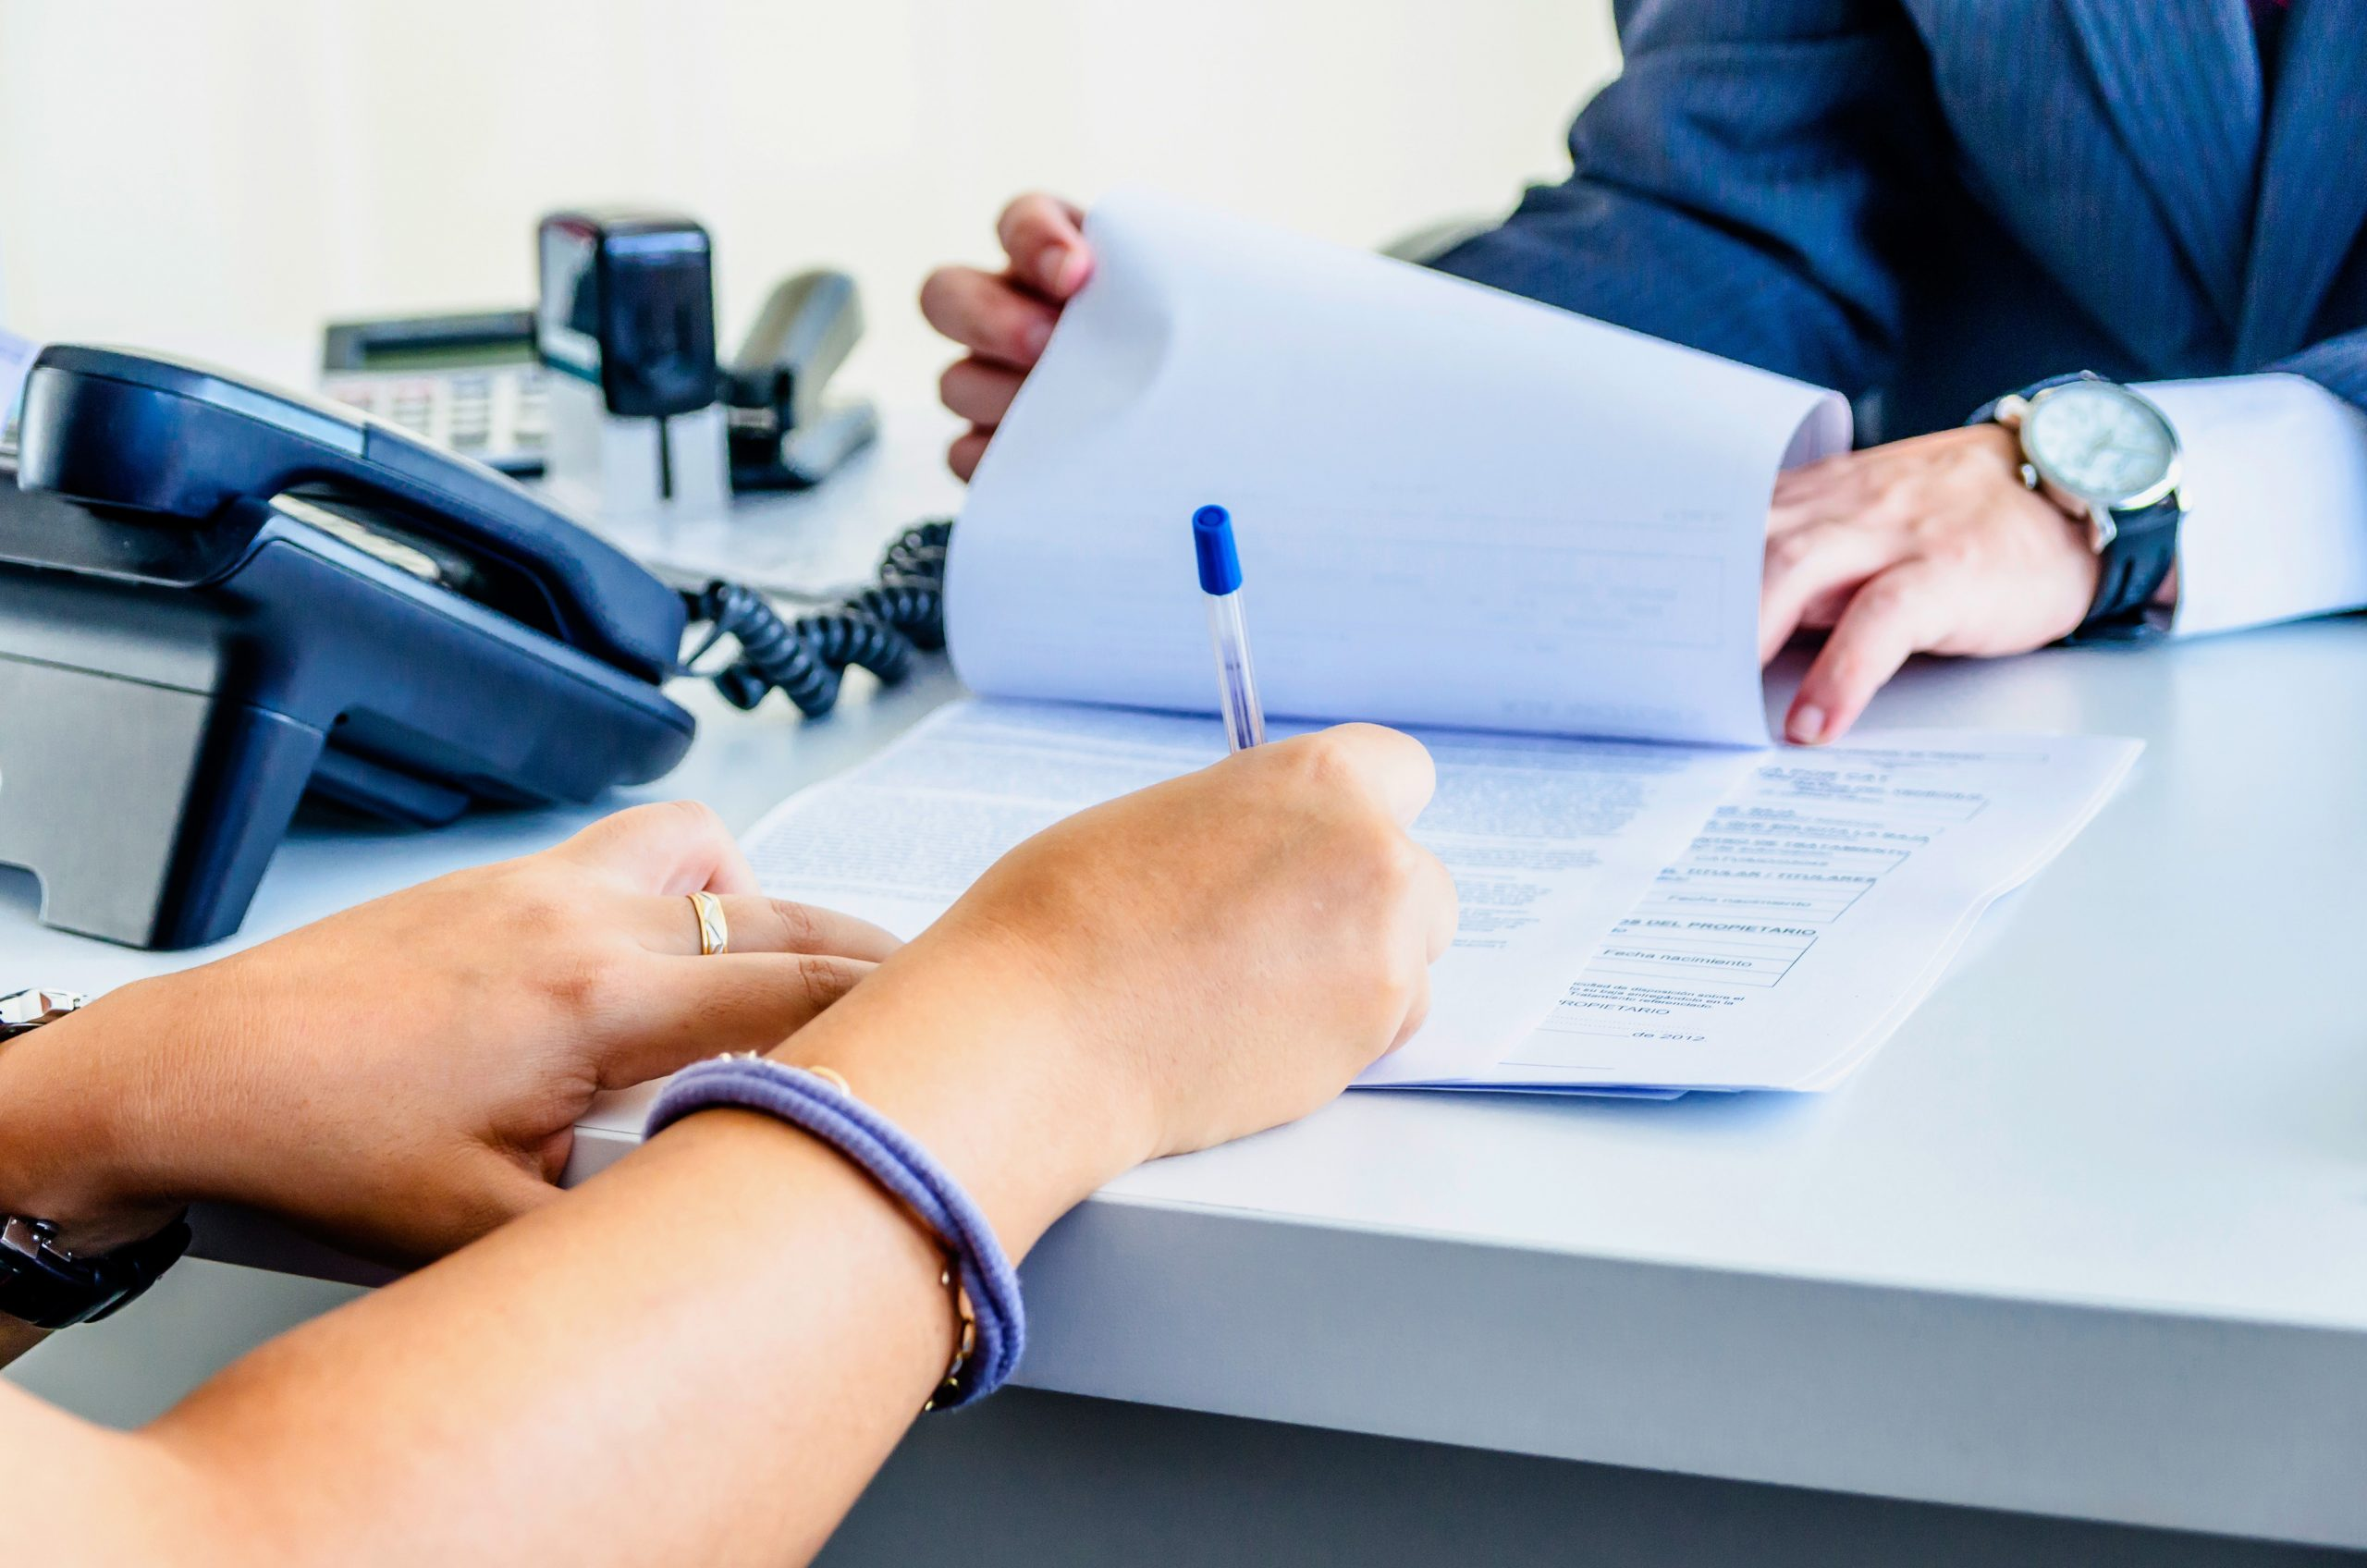 Страхование кредитов имеет несколько направлений